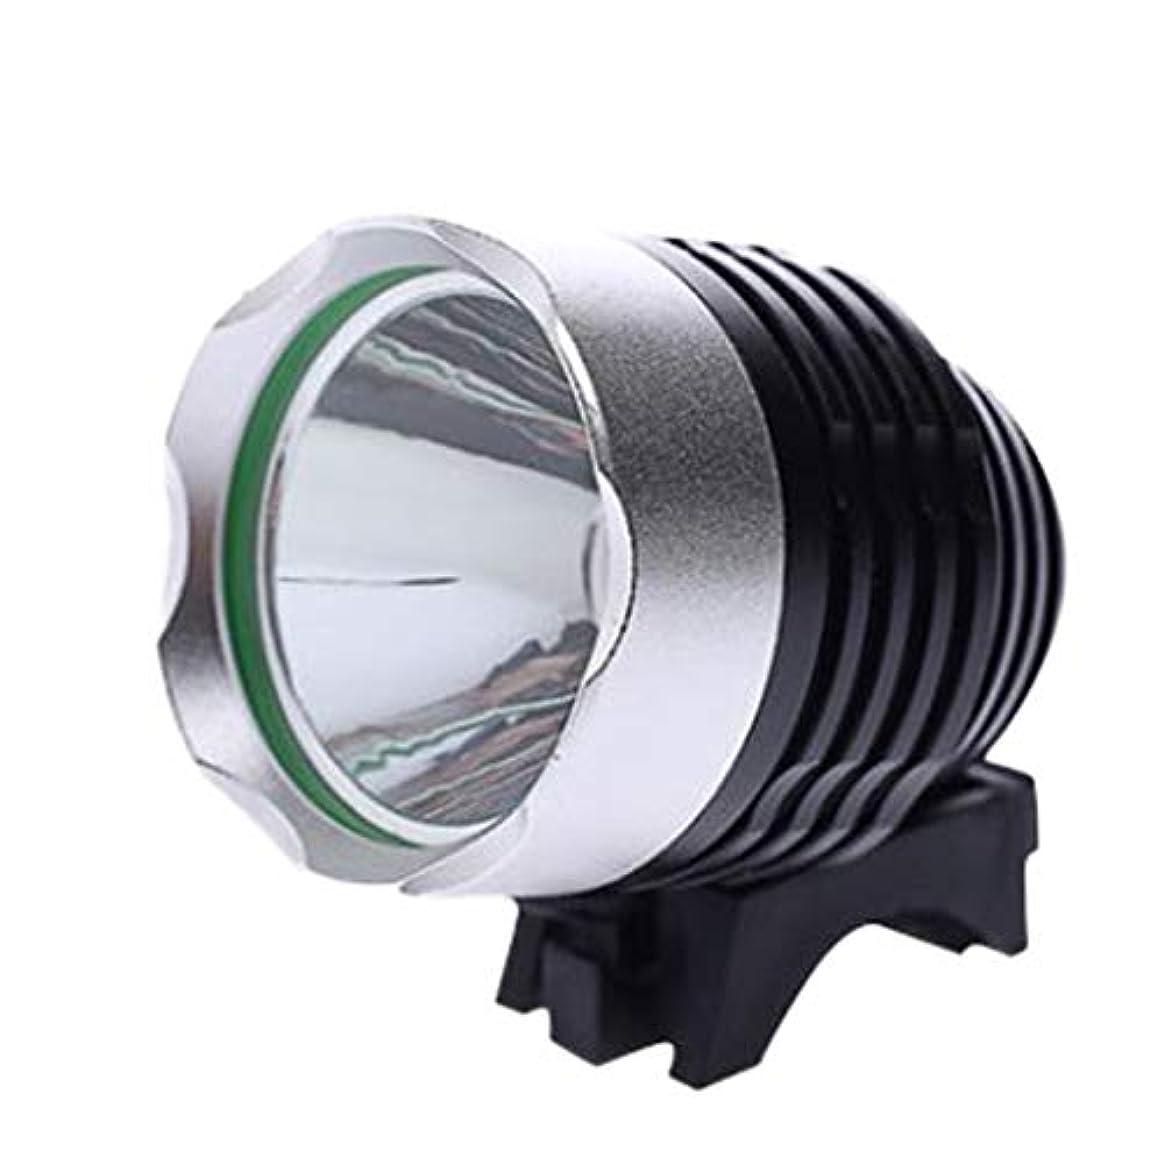 撤回する一般的に輸送自転車ライト、マウンテンバイクヘッドライトUSB充電夜間乗り物グレア懐中電灯、機器アクセサリー防水カーヘッドライトを乗る YZRCRK